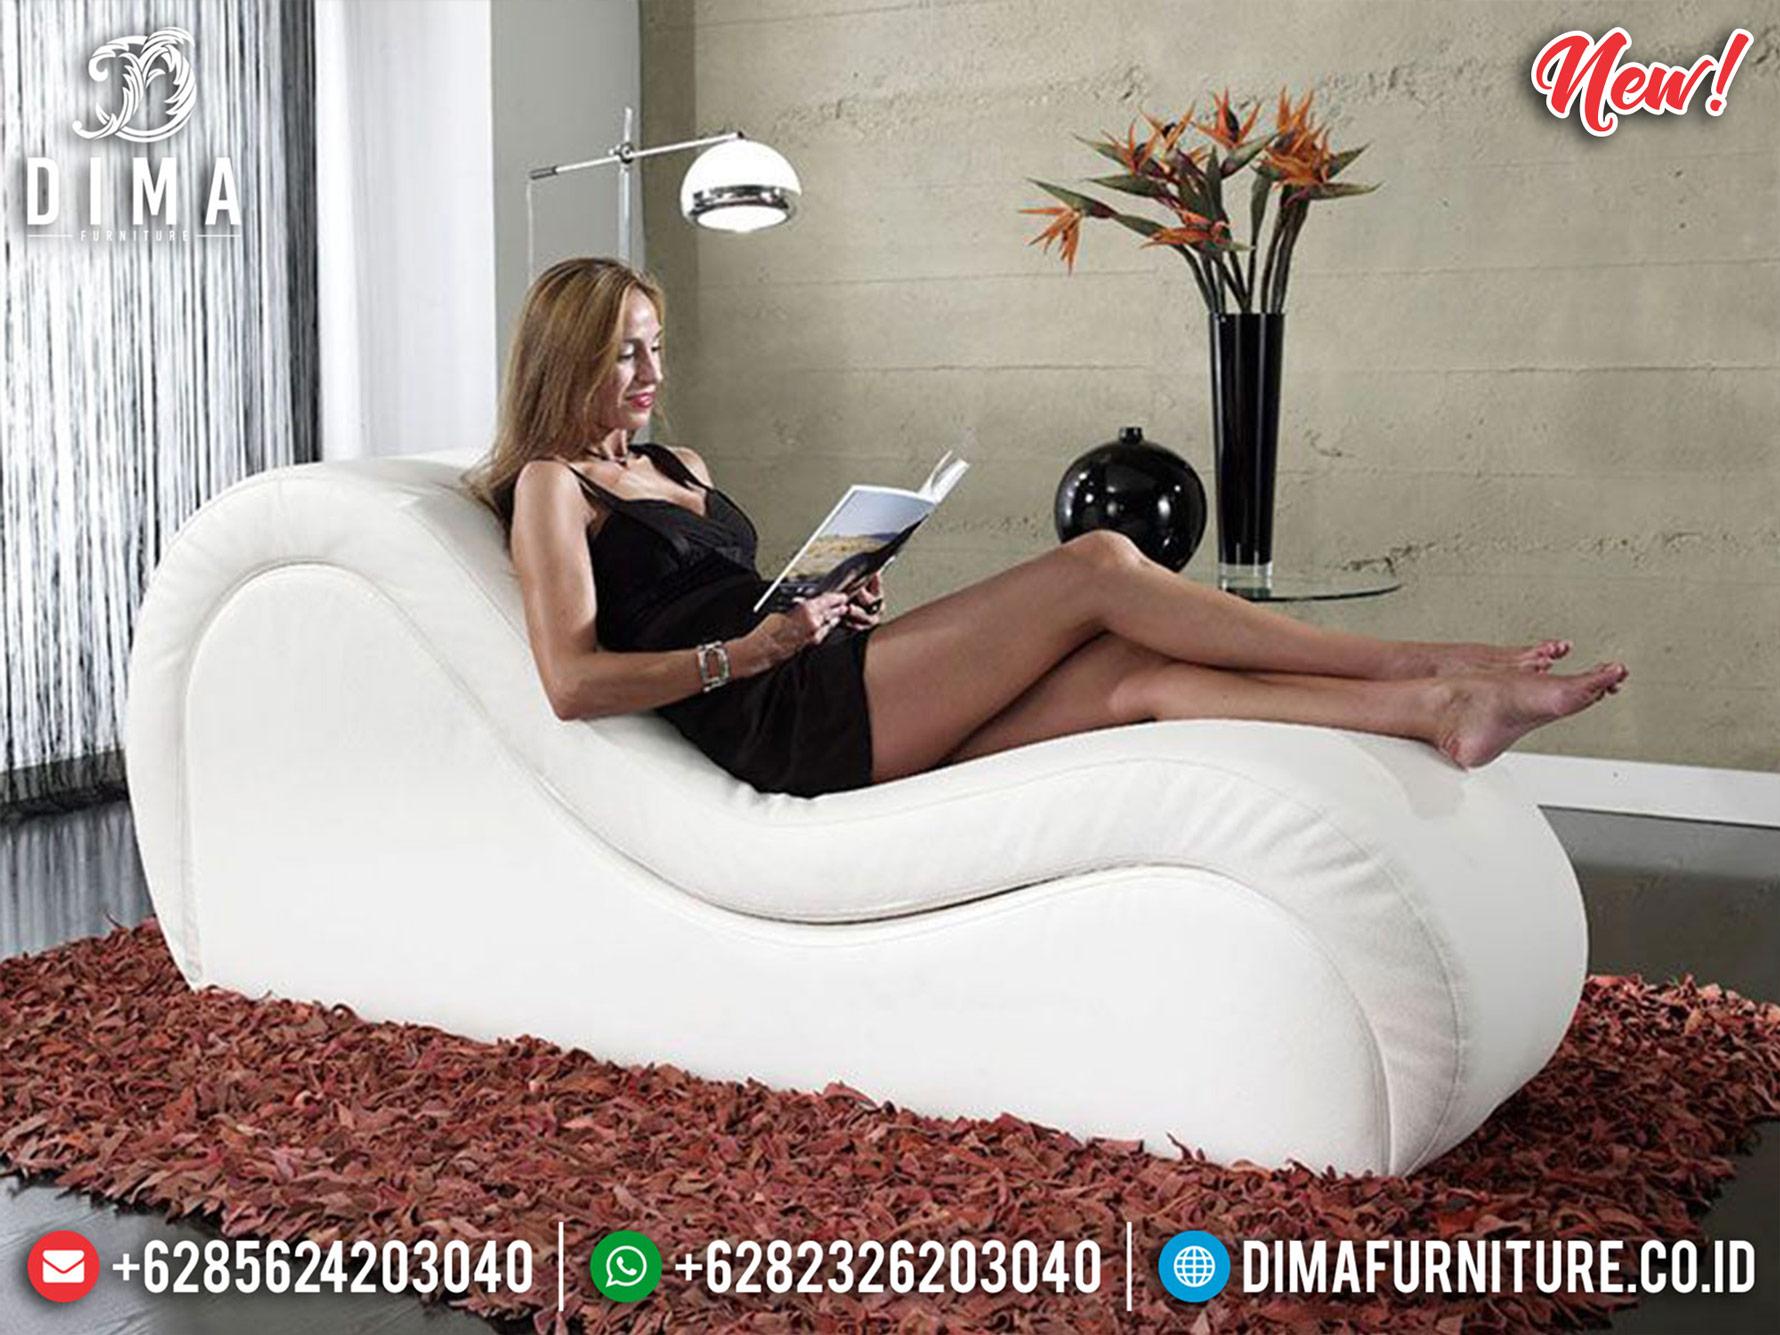 Desain Sofa Bercinta Comfortable Furniture Jepara Luxury Terbaru ST-1137